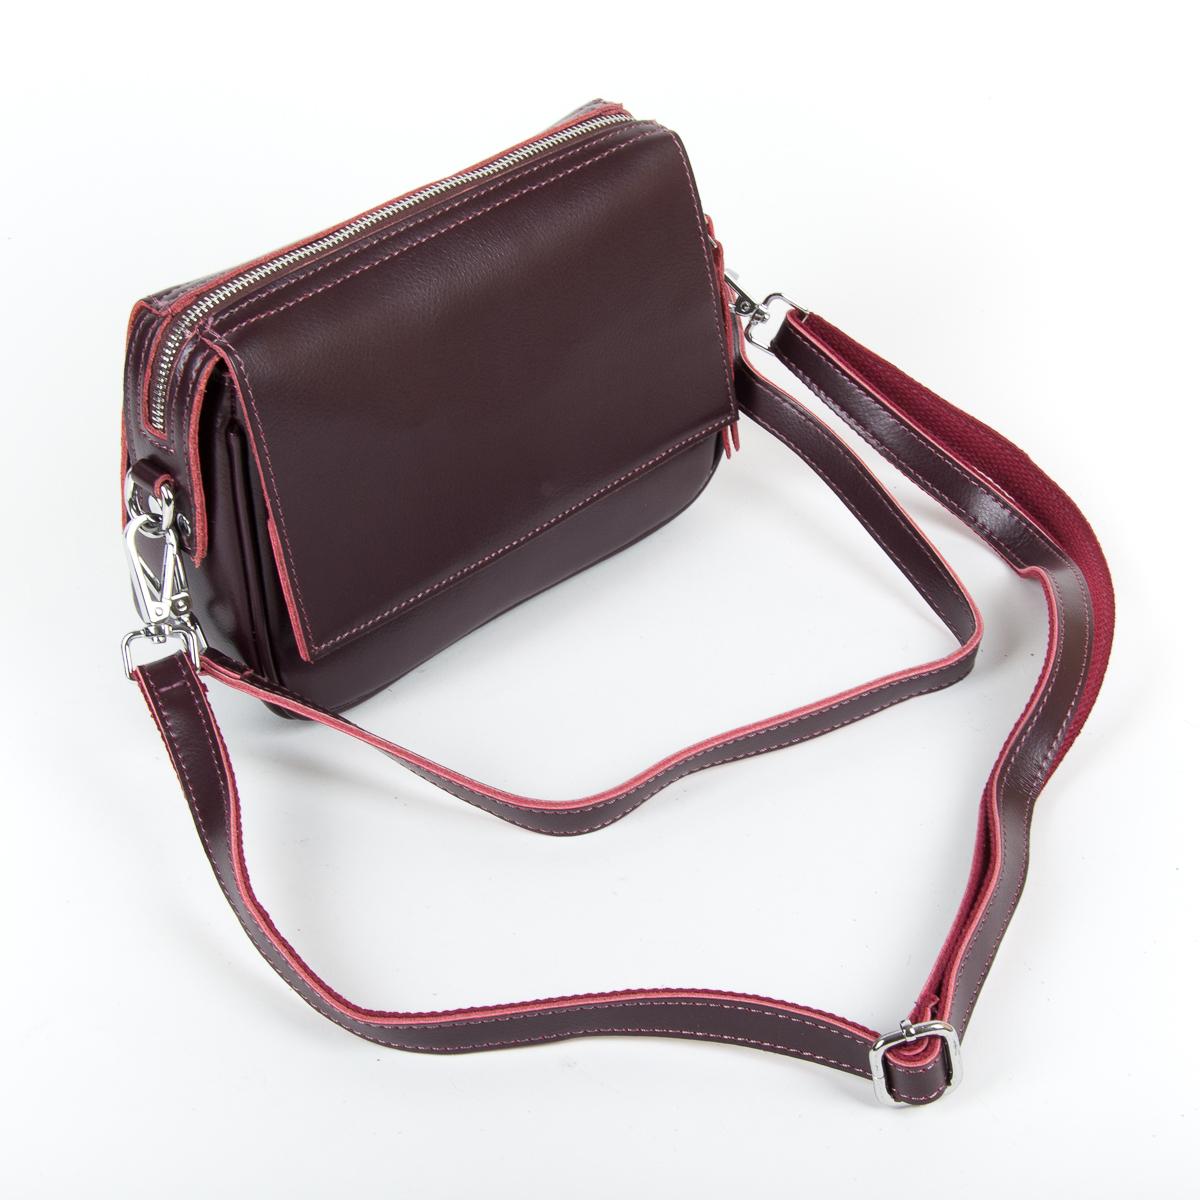 Сумка Женская Клатч кожа ALEX RAI 9-01 2227 burgundy - фото 4